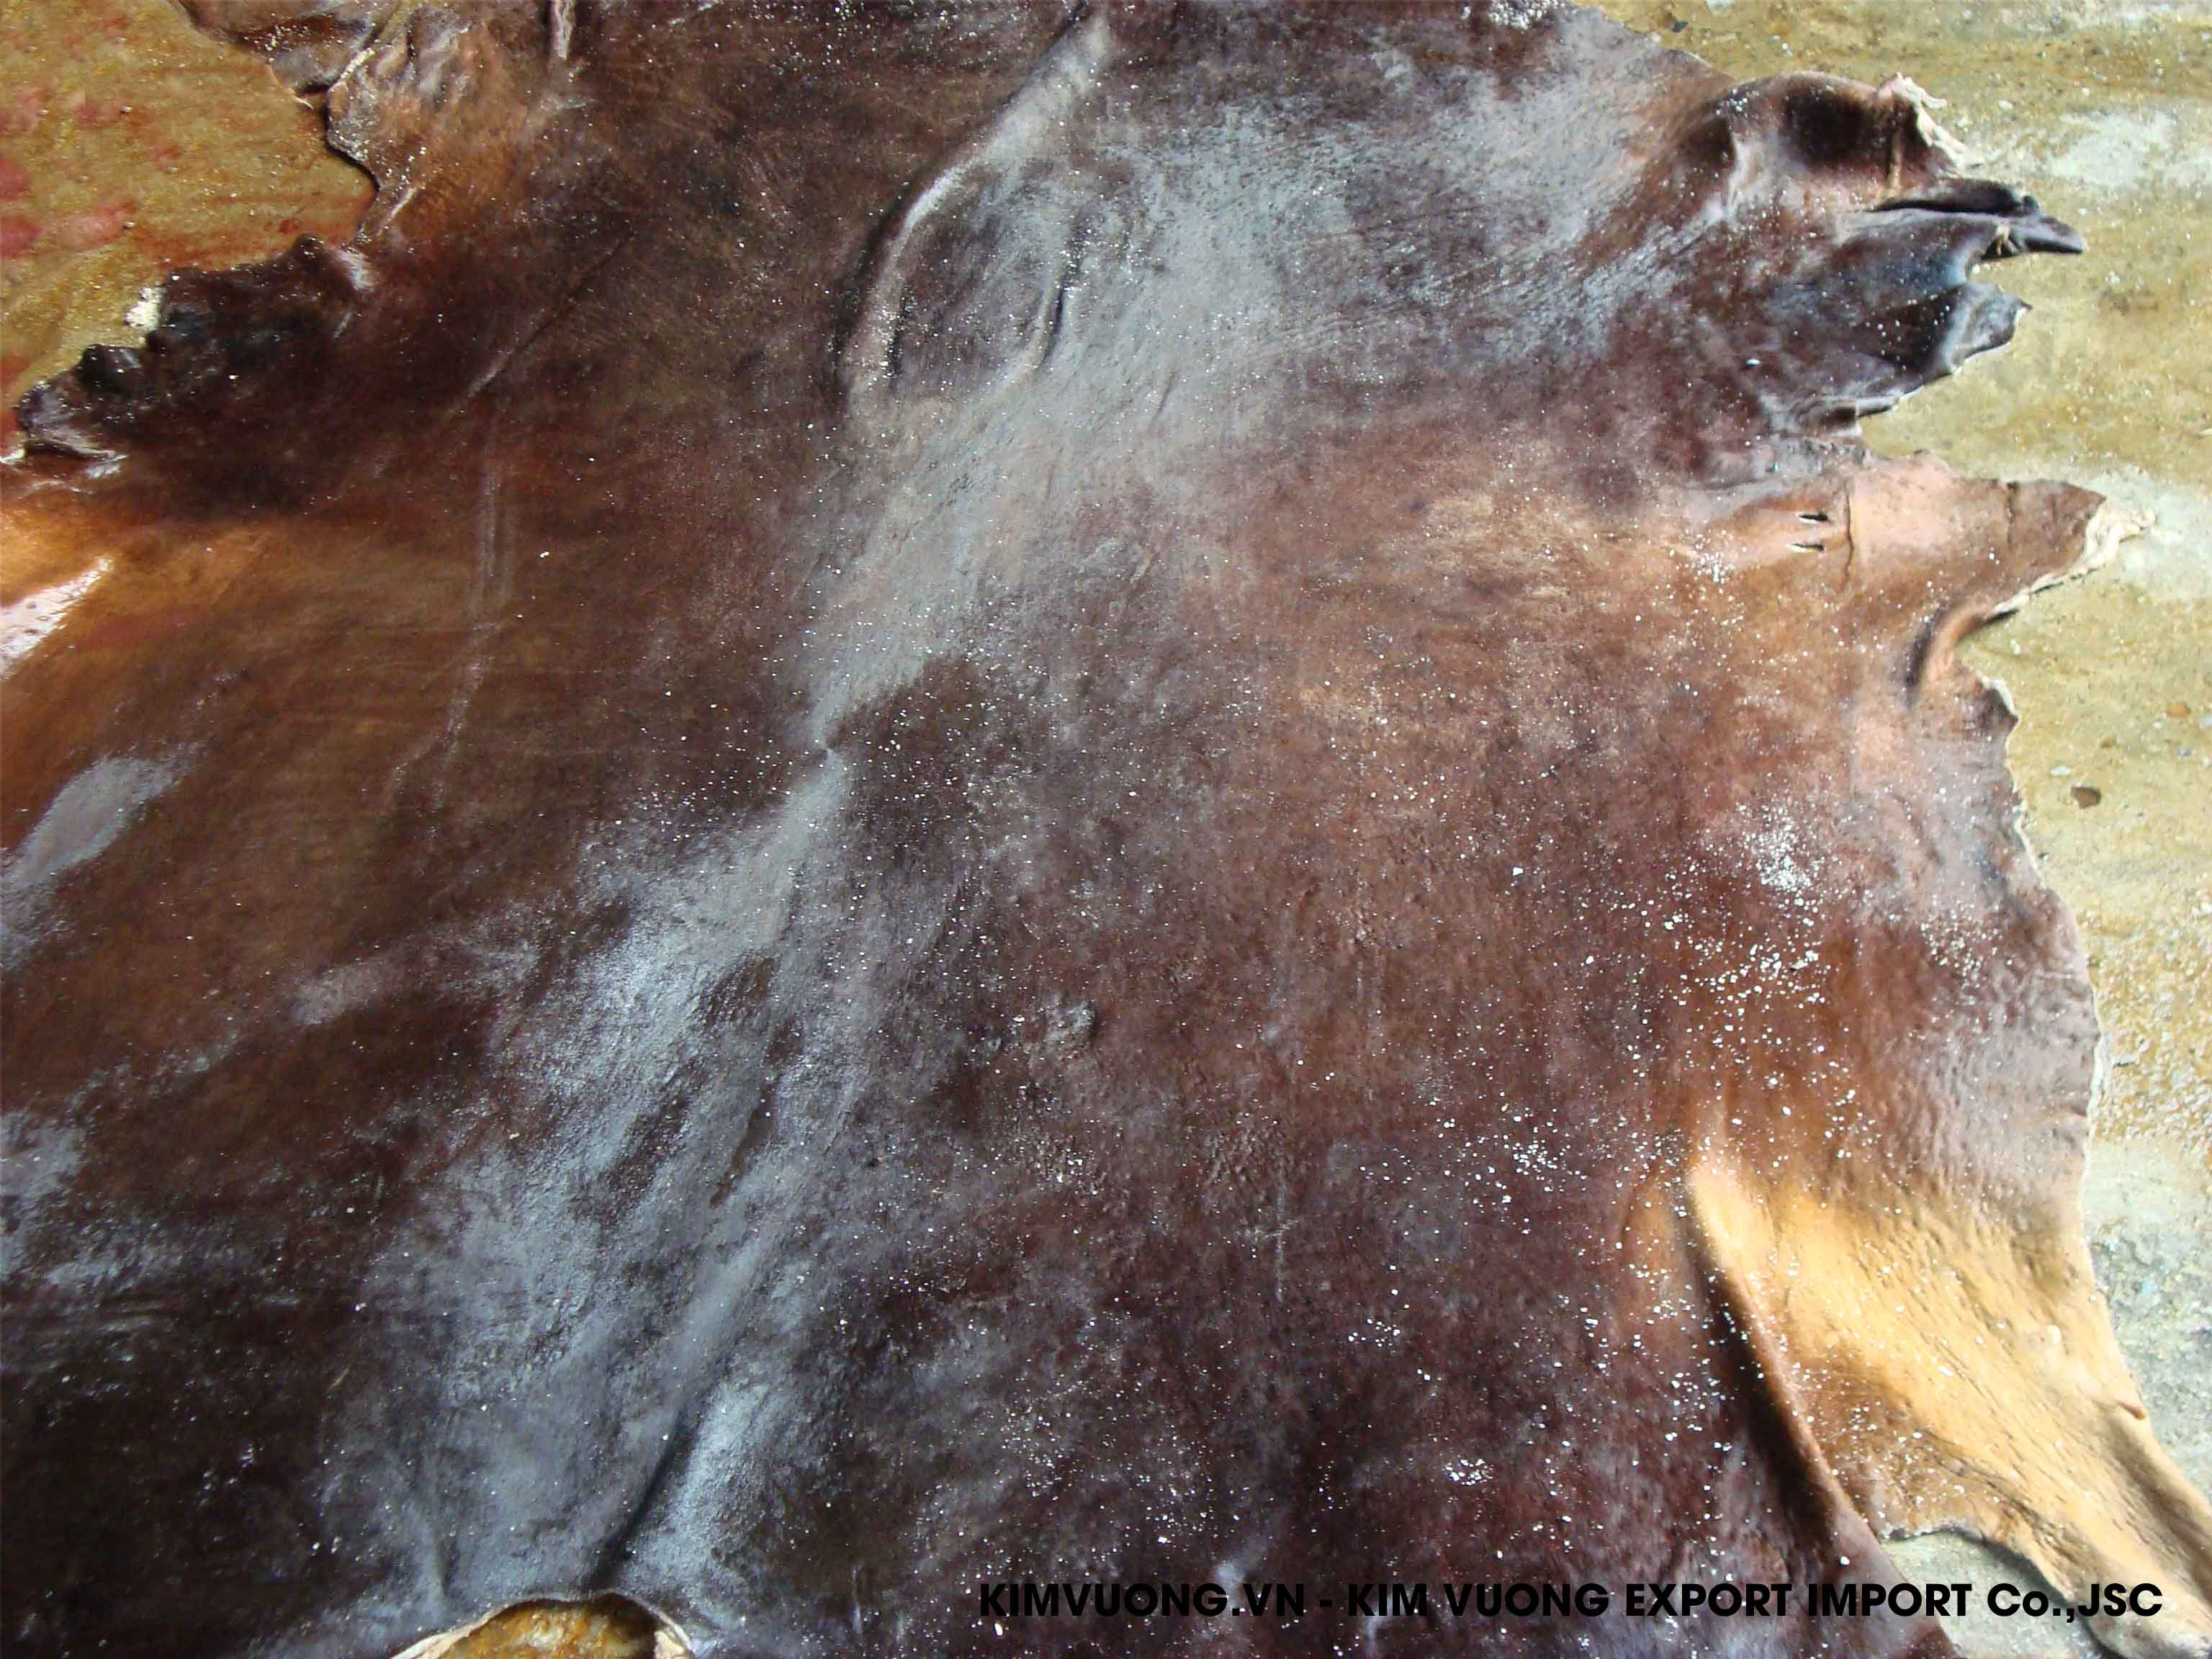 Wet salted buffalo skin